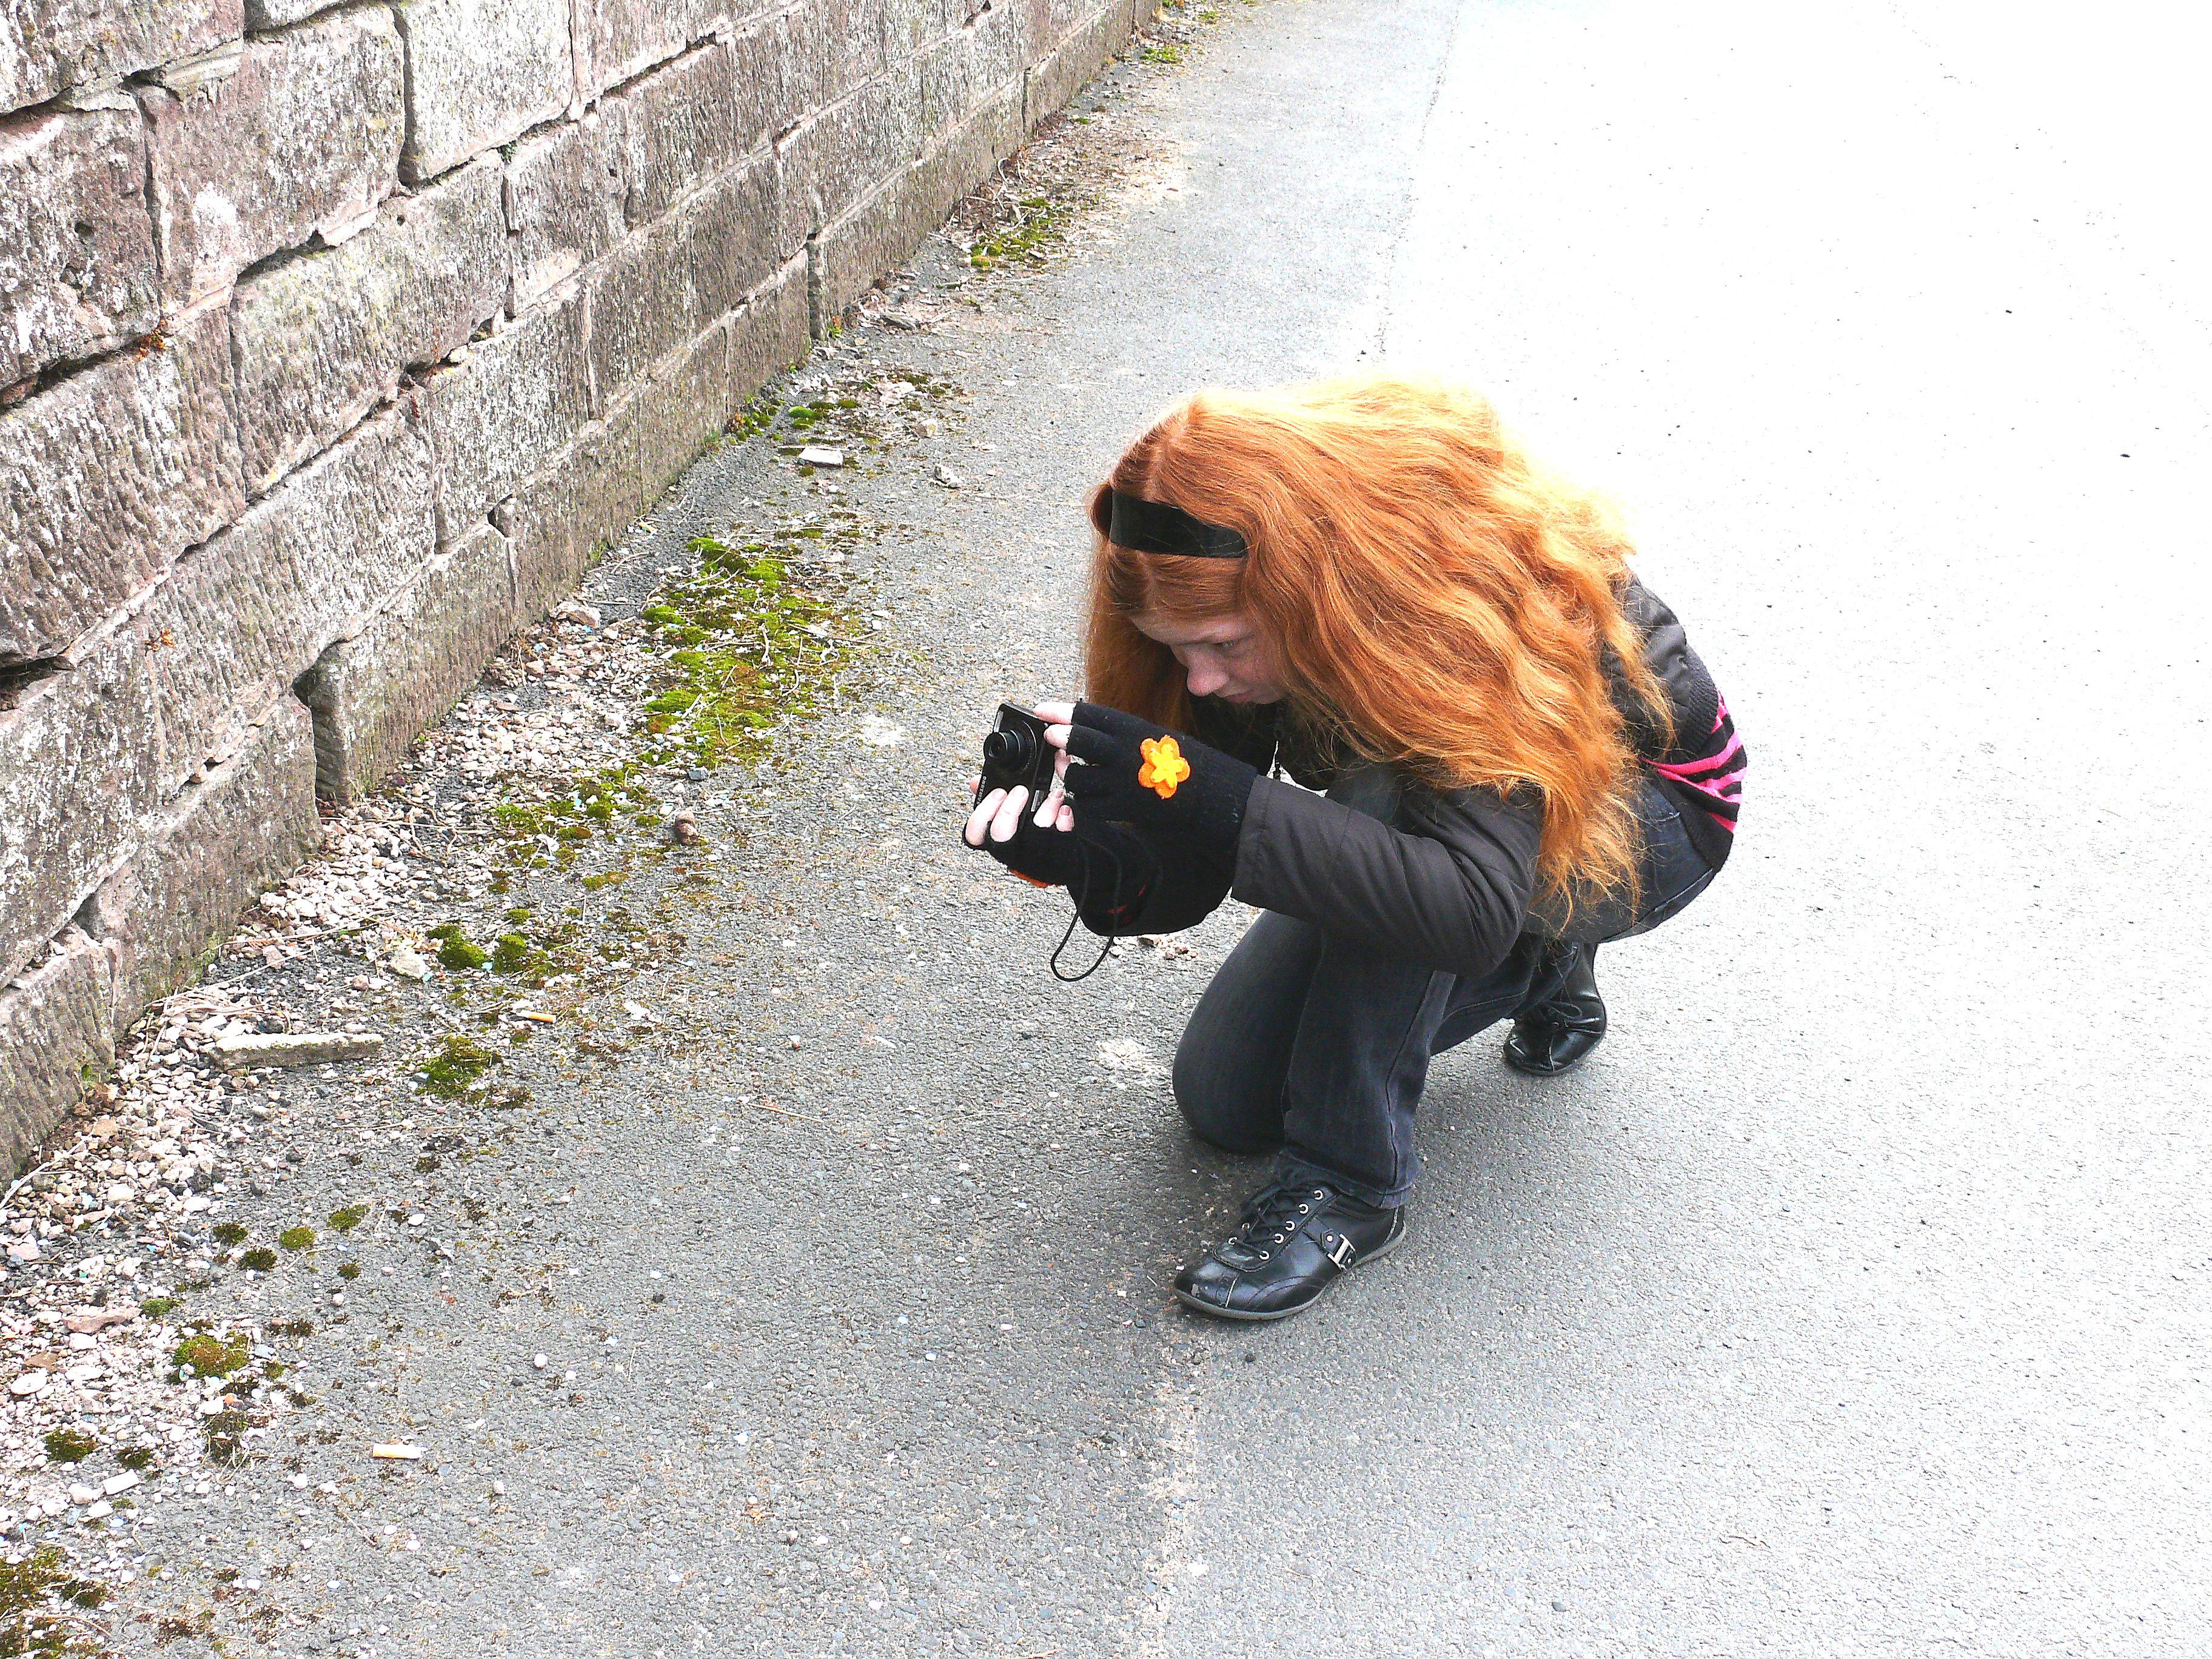 http://scrap.en.folie.free.fr/apourblog/PHOTOoeilvagabond/2contreplong%e9e/orlane/orlane3luminositecontraste.jpg